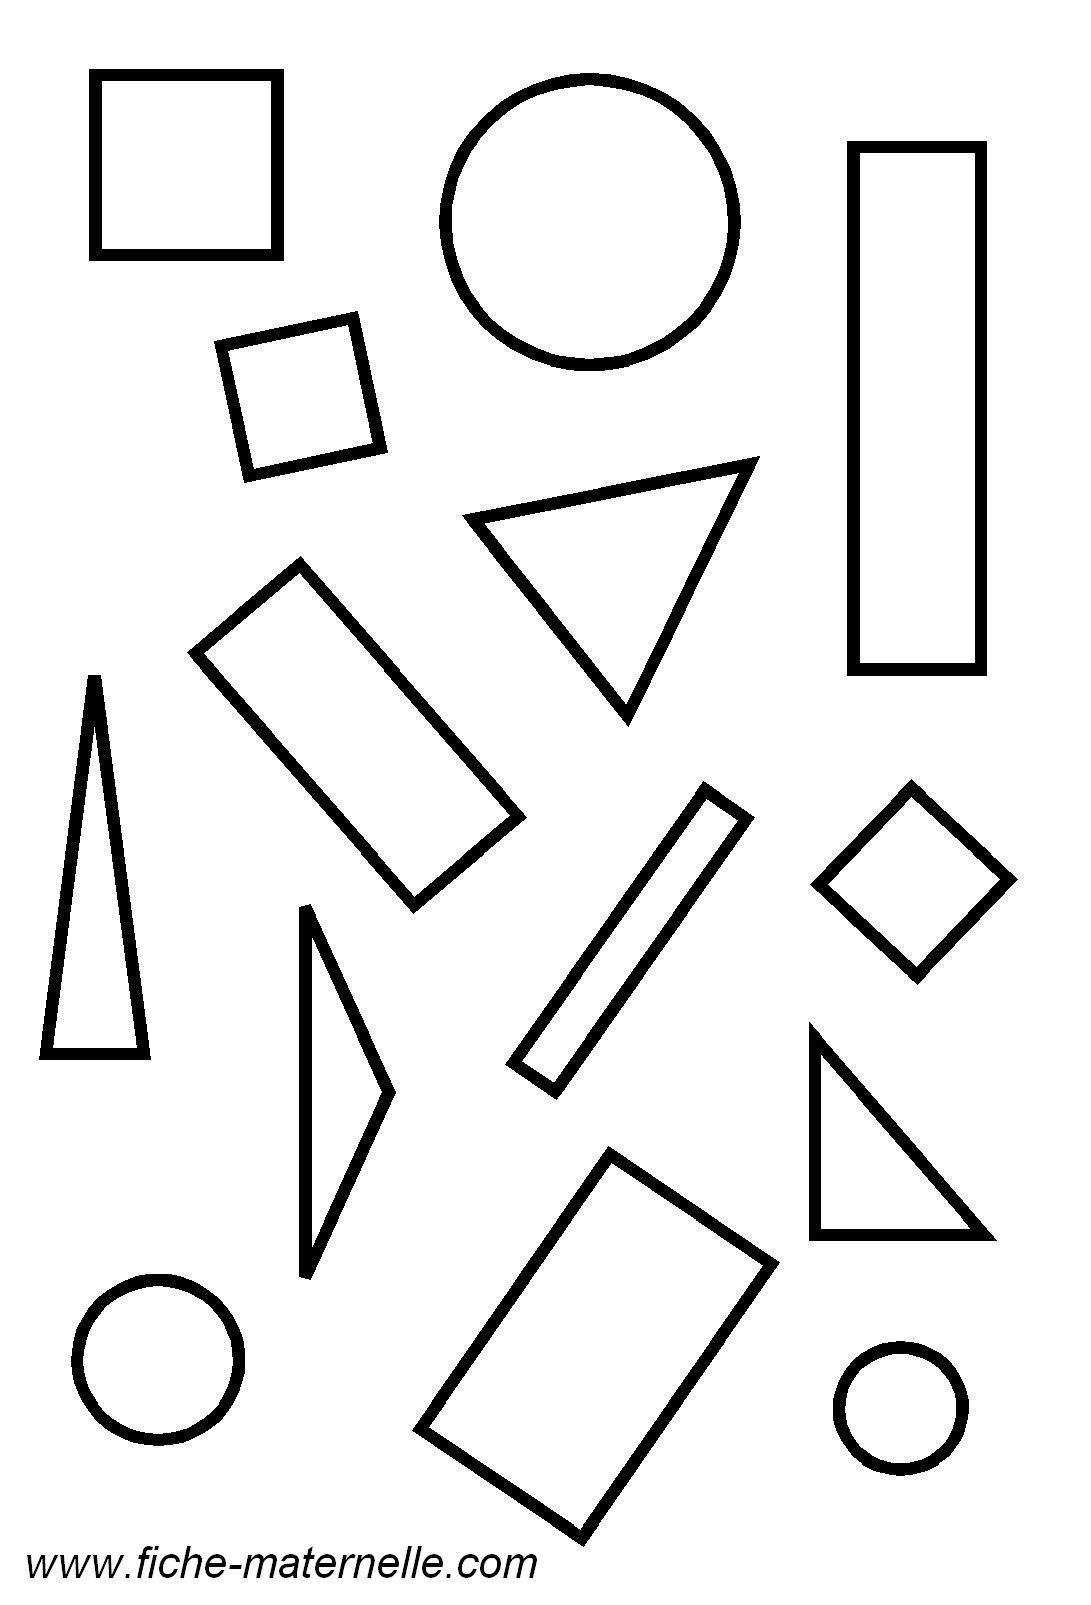 Dessin coloriage forme geometrique - Coloriage geometrique ...